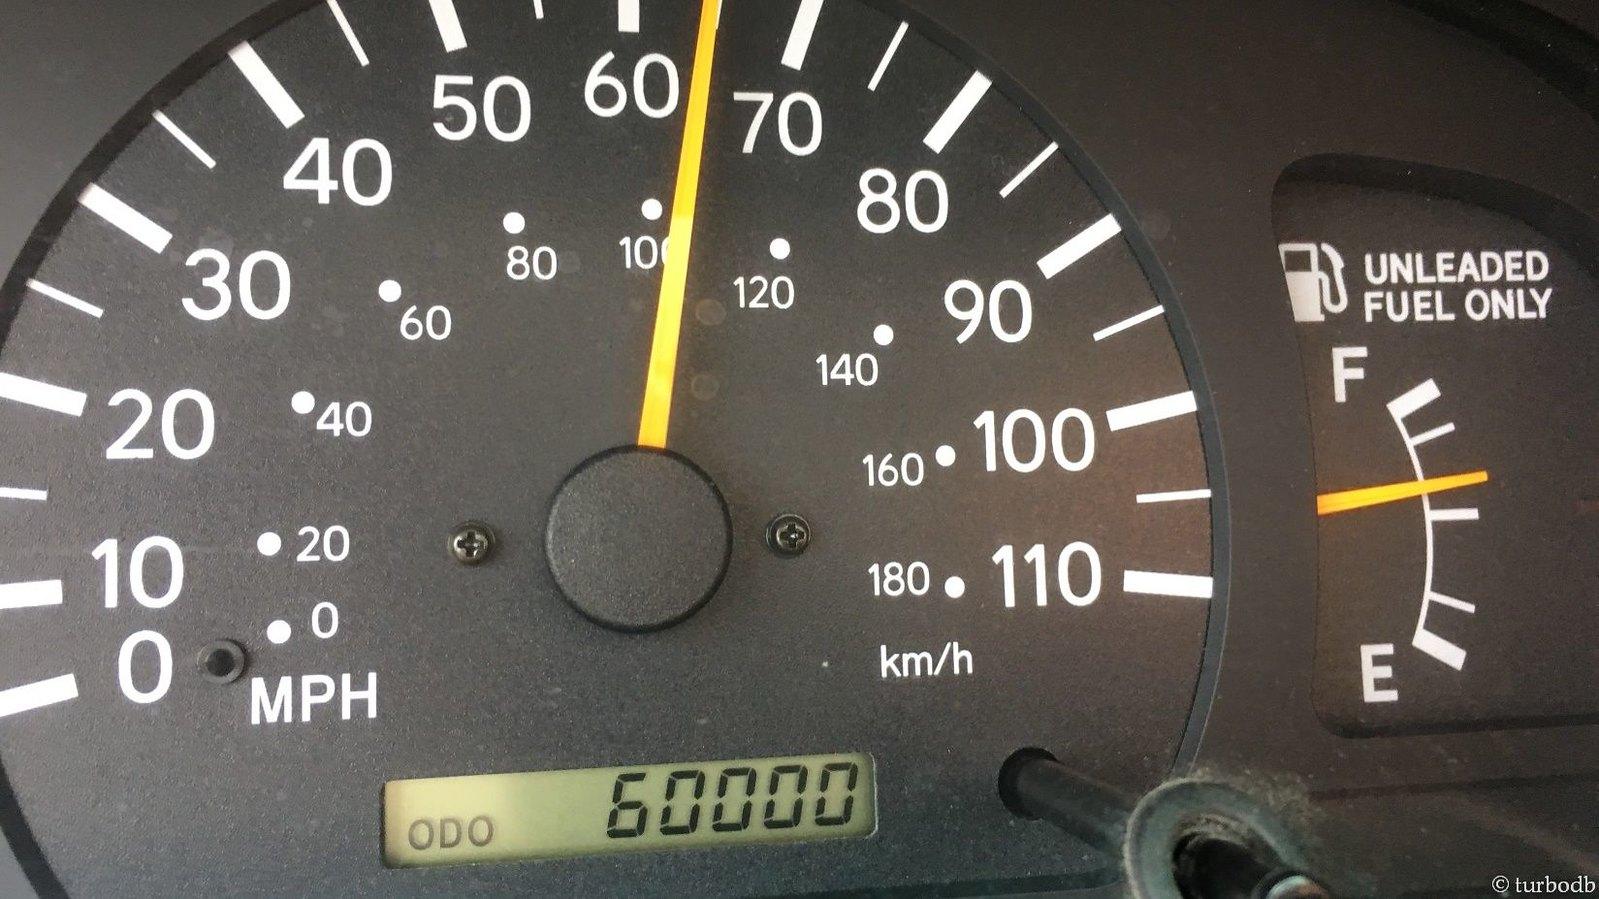 Mileage milestone - 60K